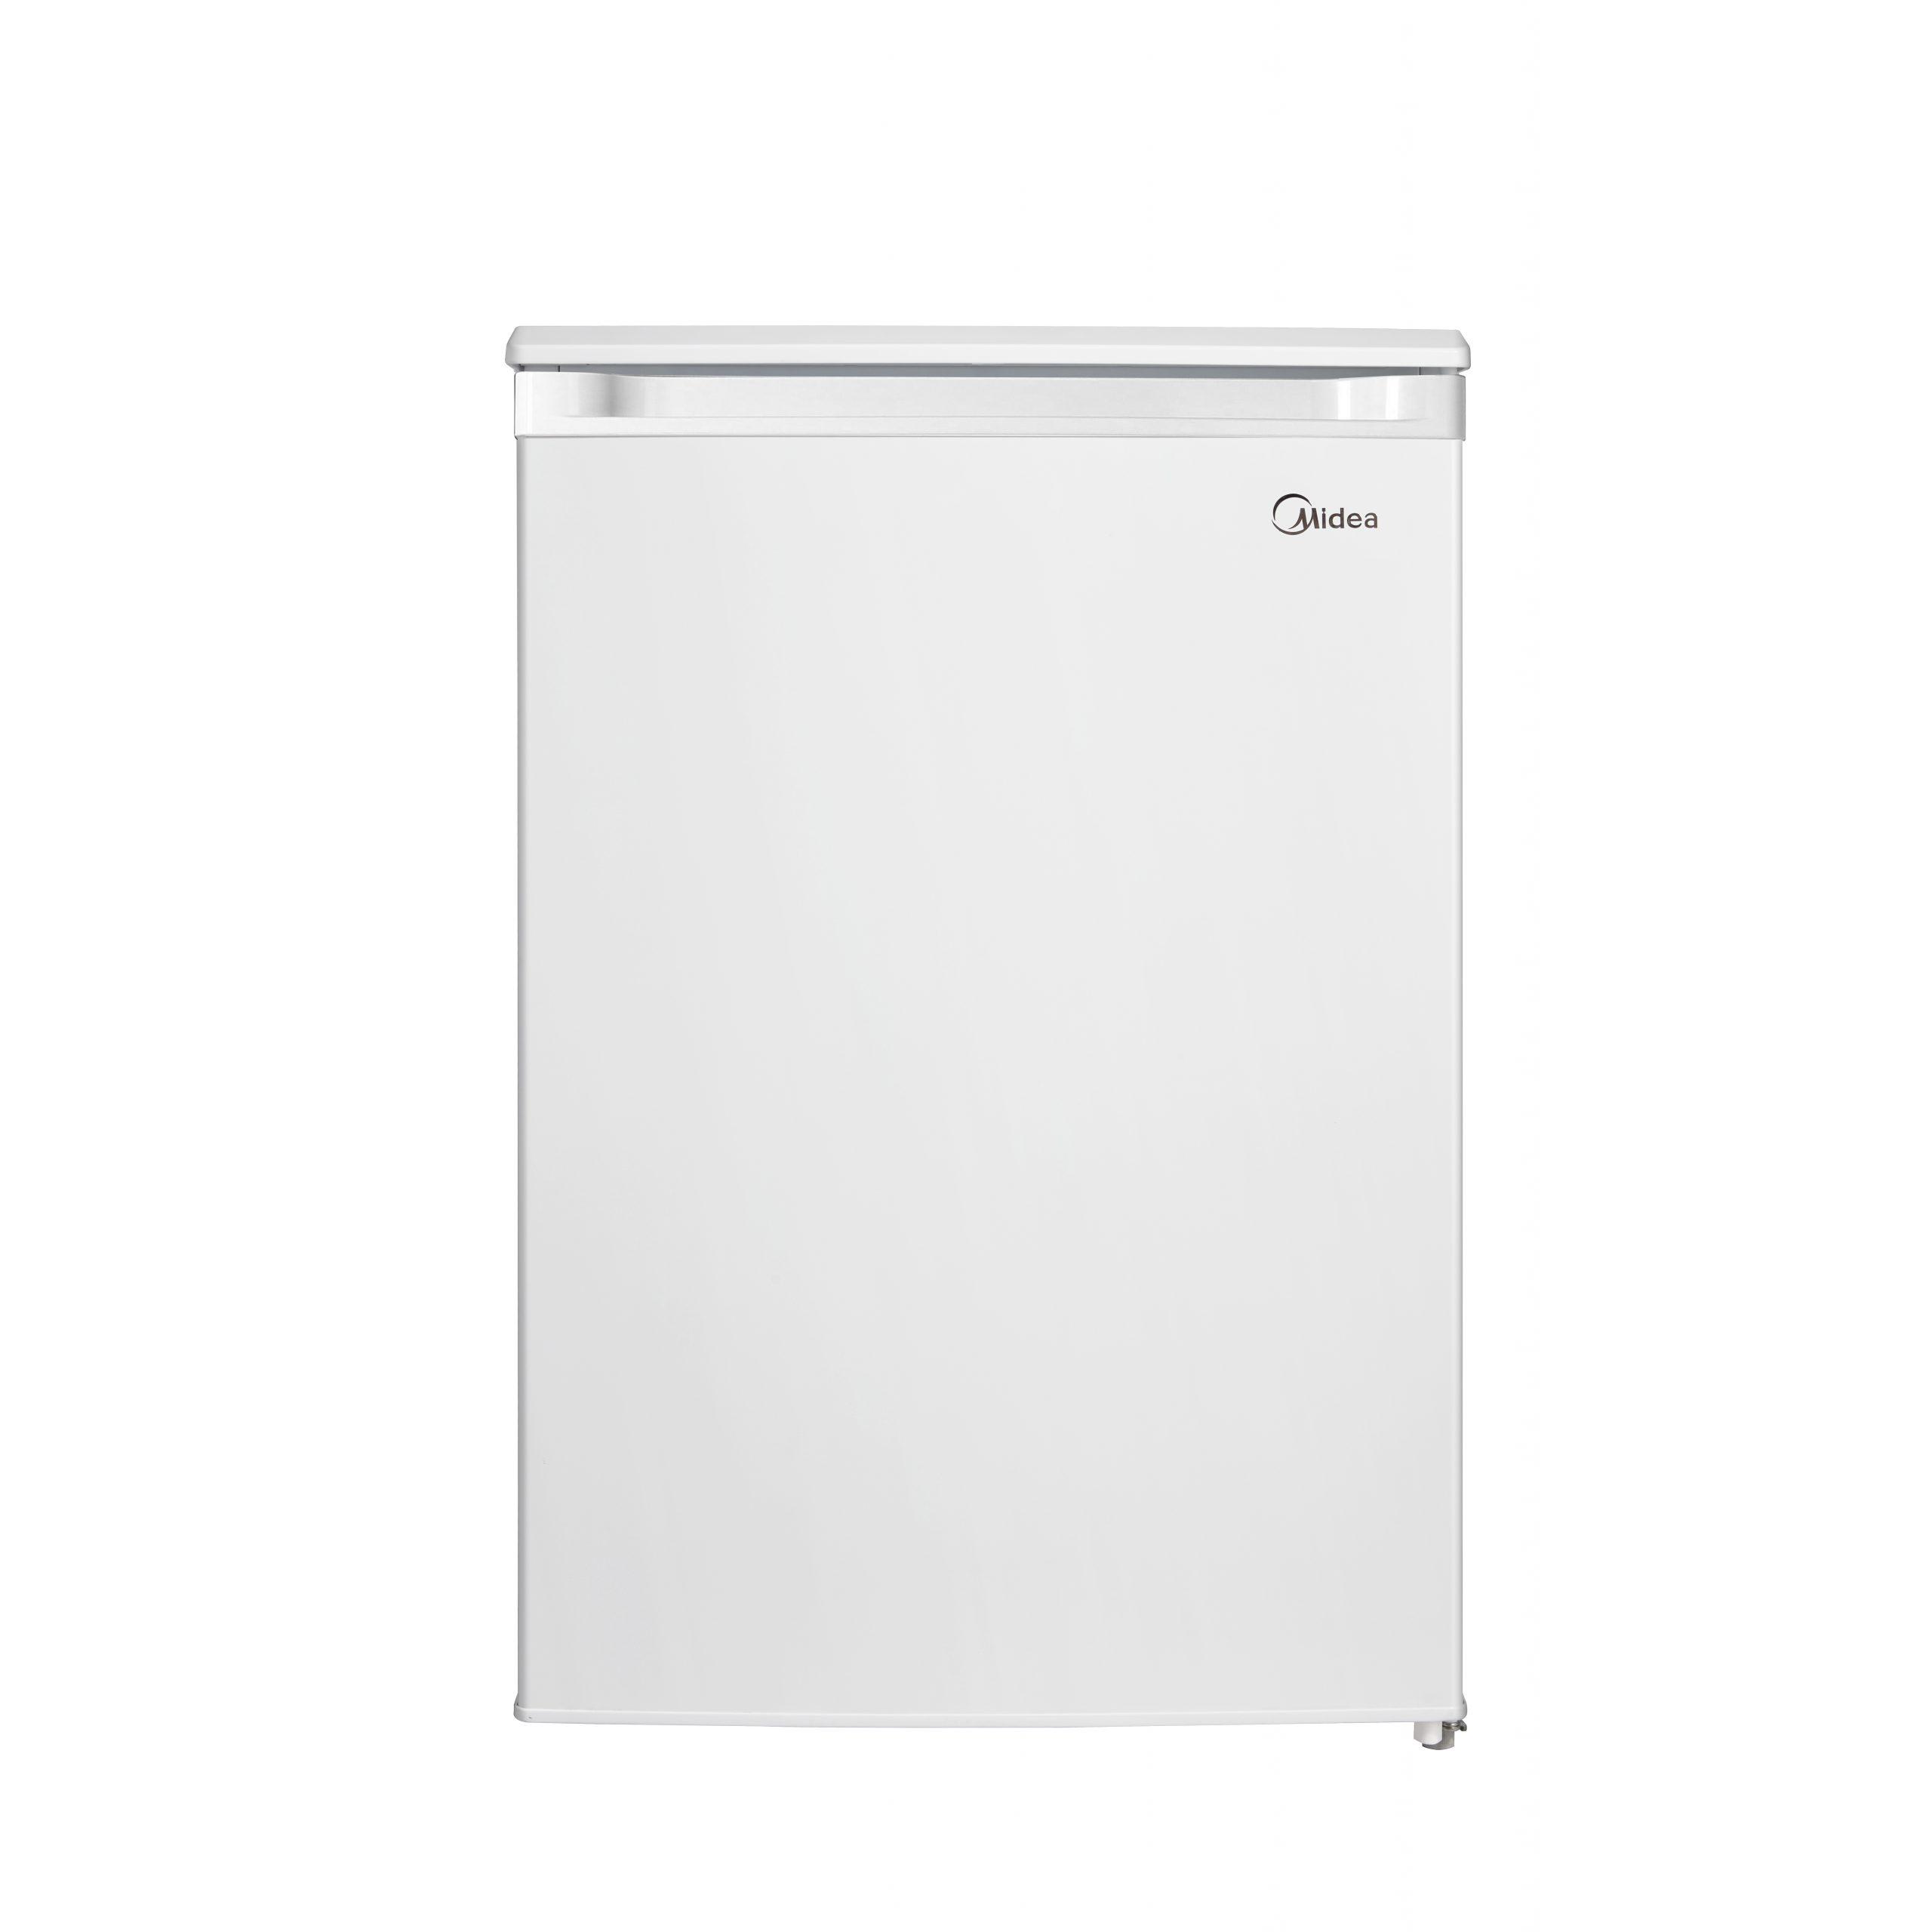 Μονόπορτο Ψυγείο Midea M147A2W